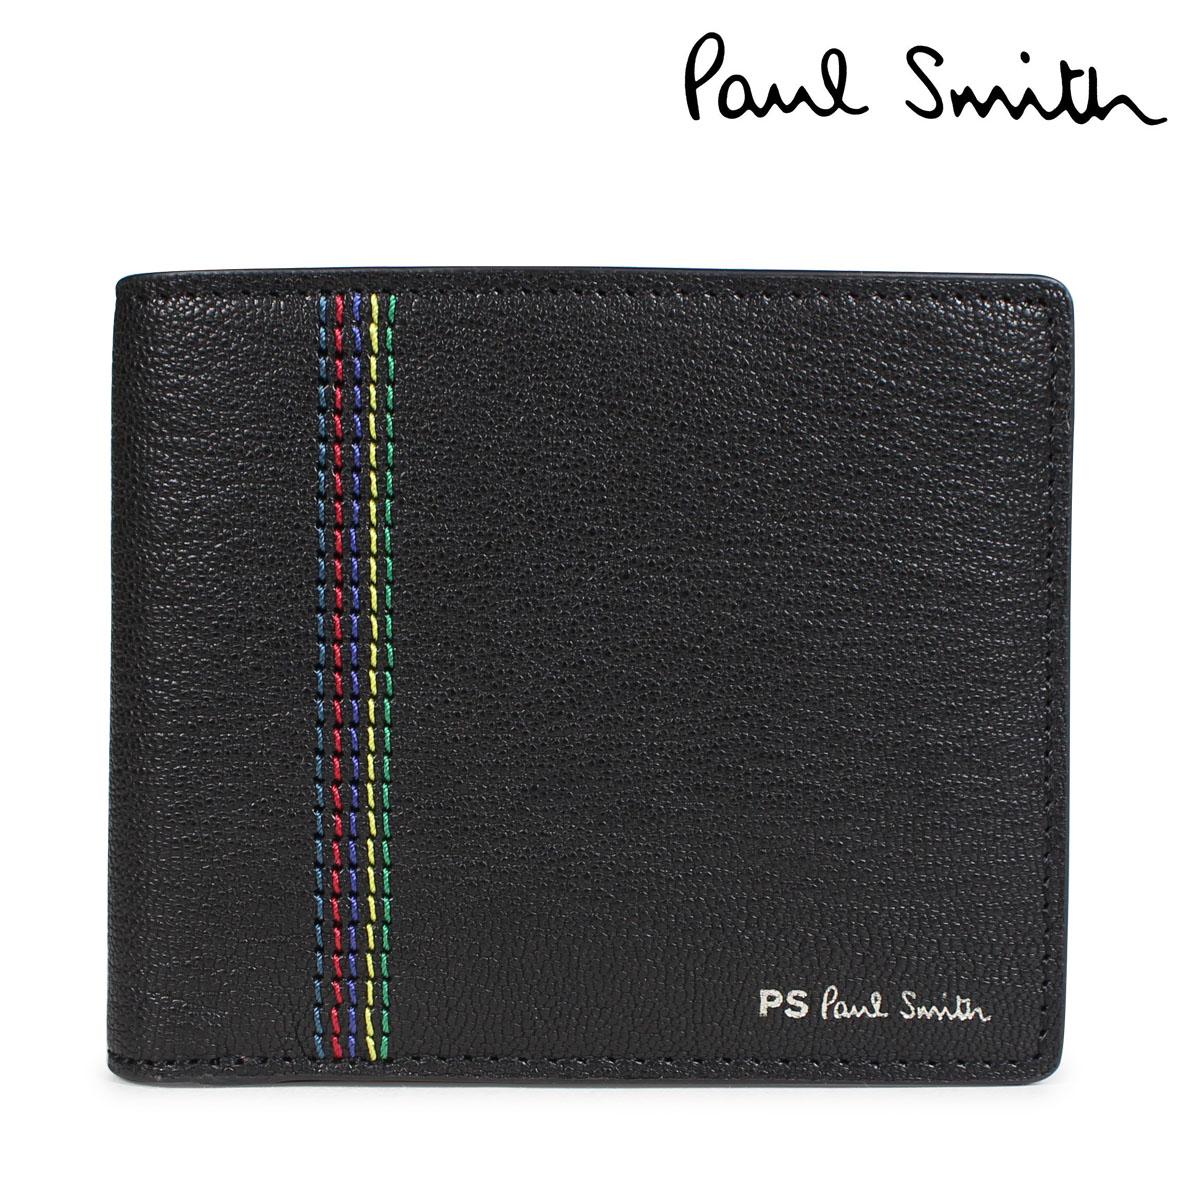 ポールスミス 財布 メンズ 二つ折り Paul Smith WALLET レザー ブラック M2A 5321 APSSTI [10/11 新入荷]